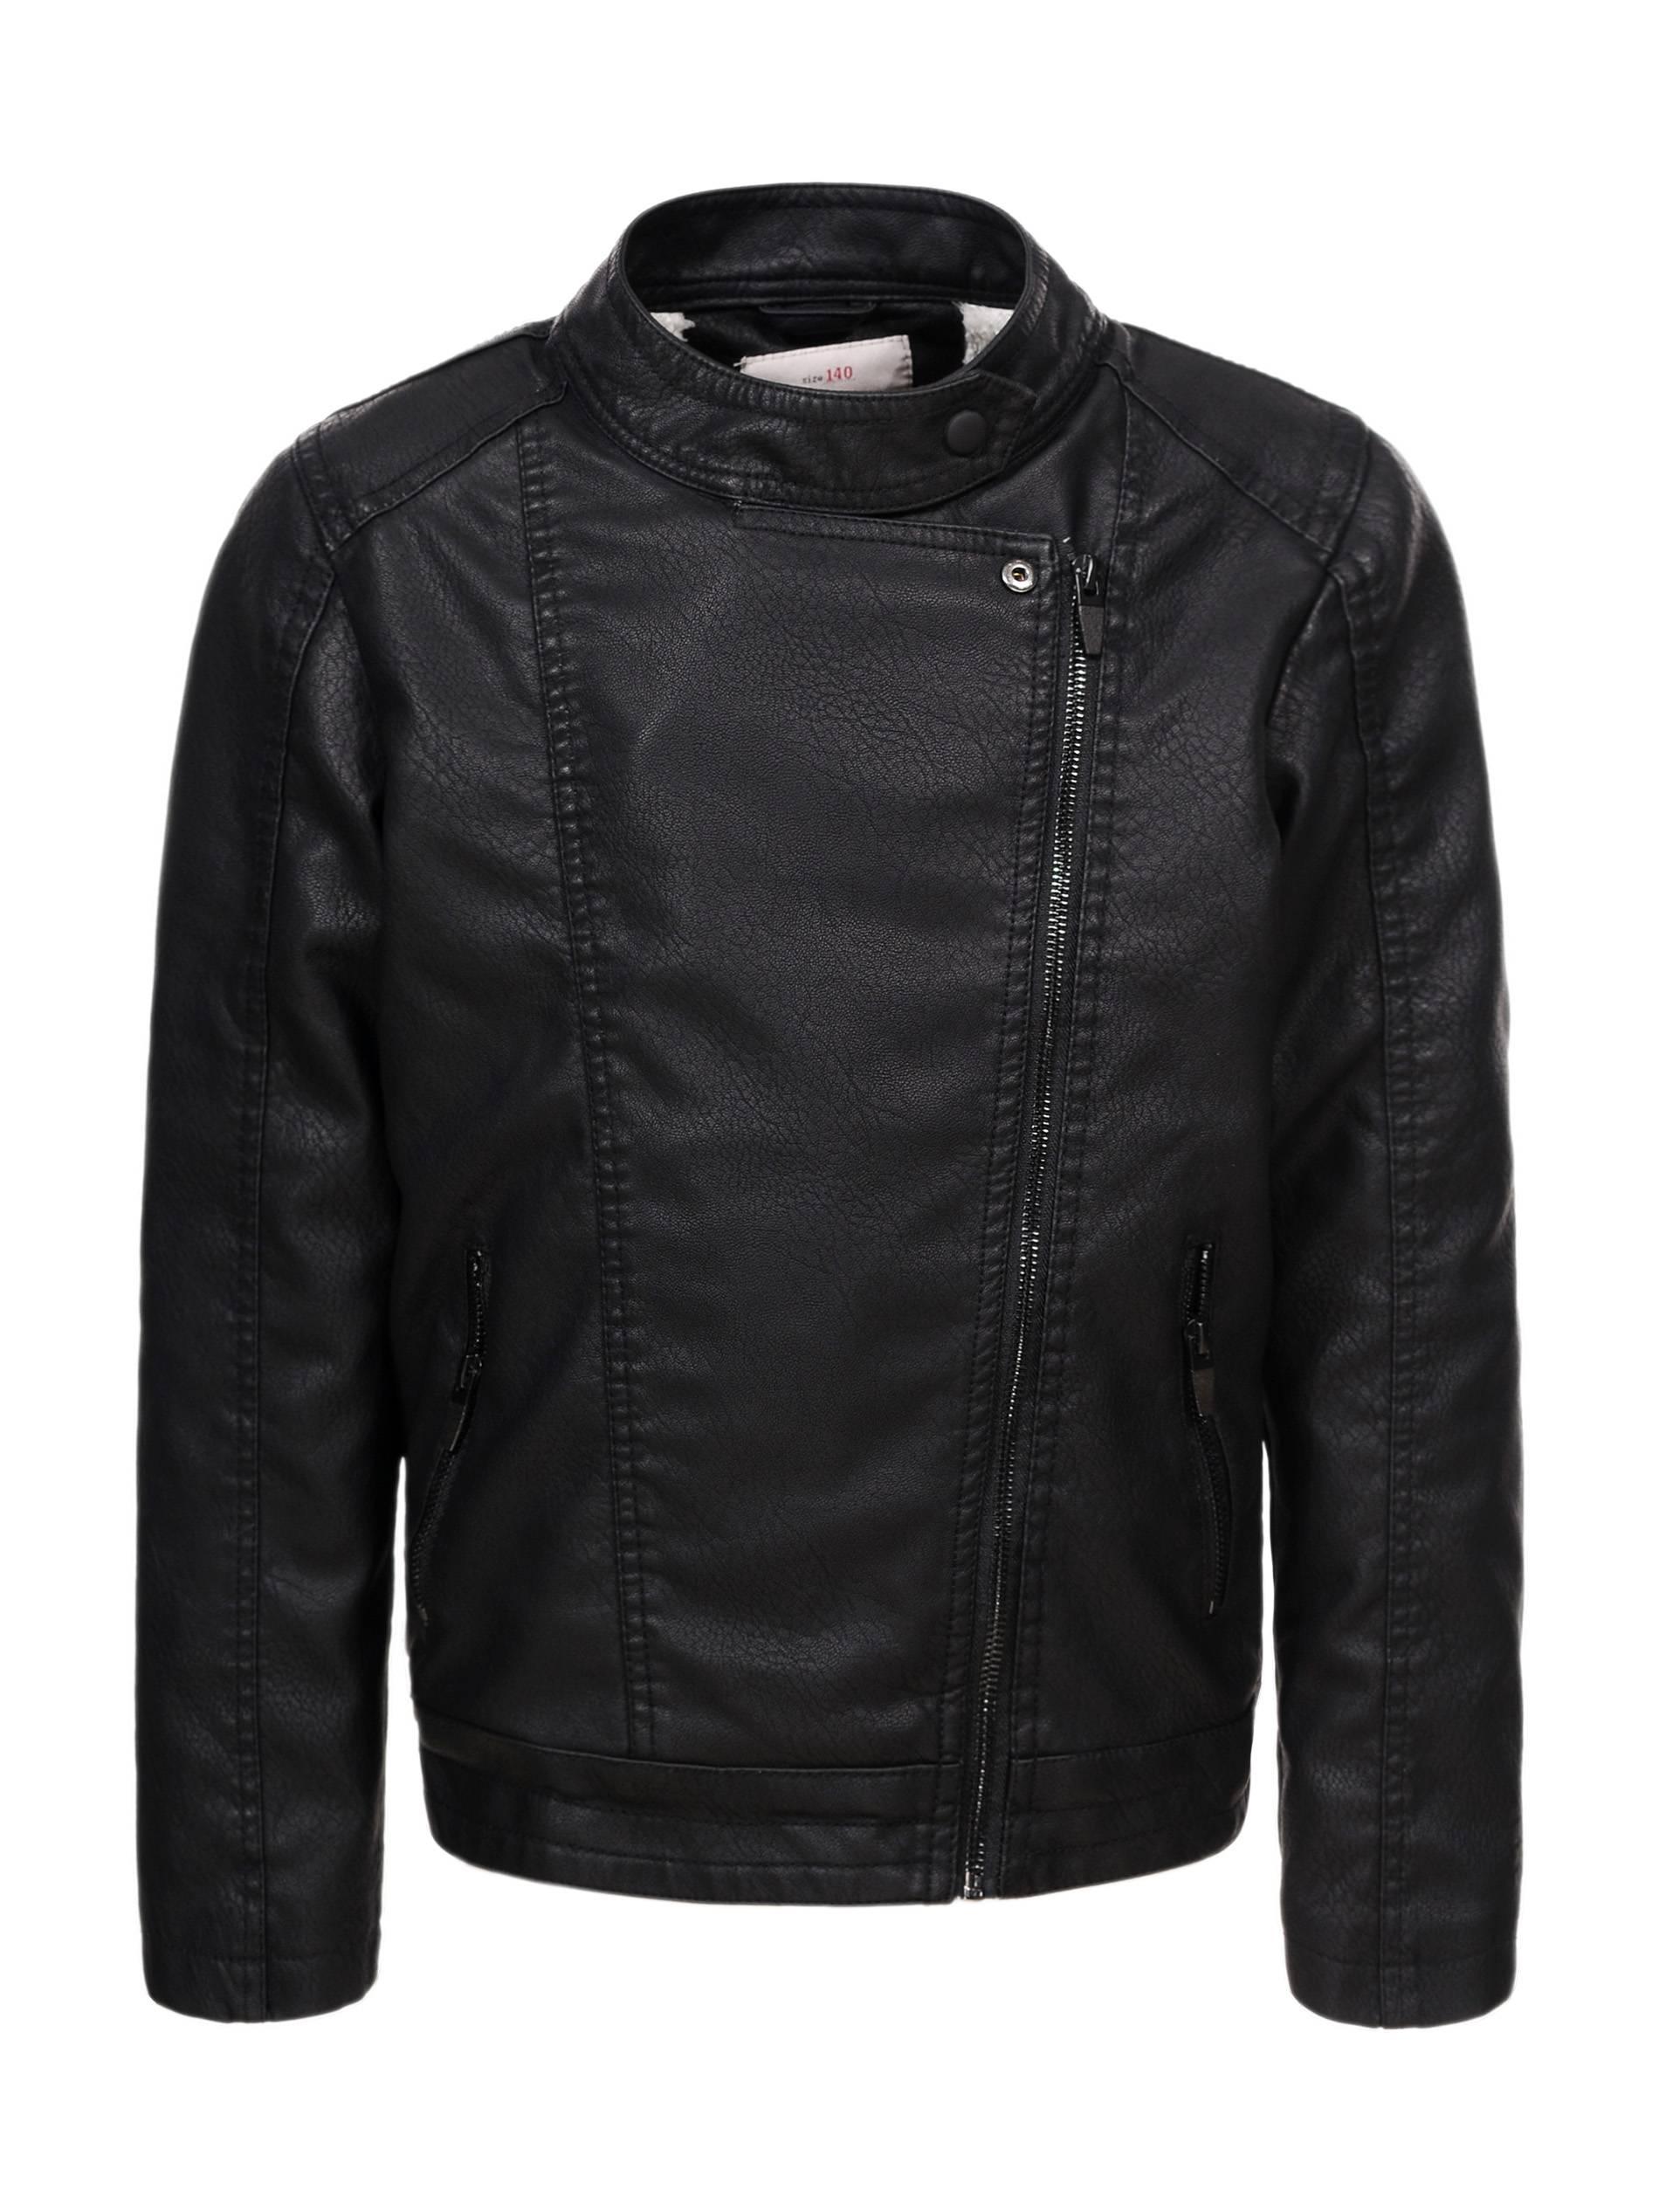 169369237 Boys' Leather Jacket - BPY-7442